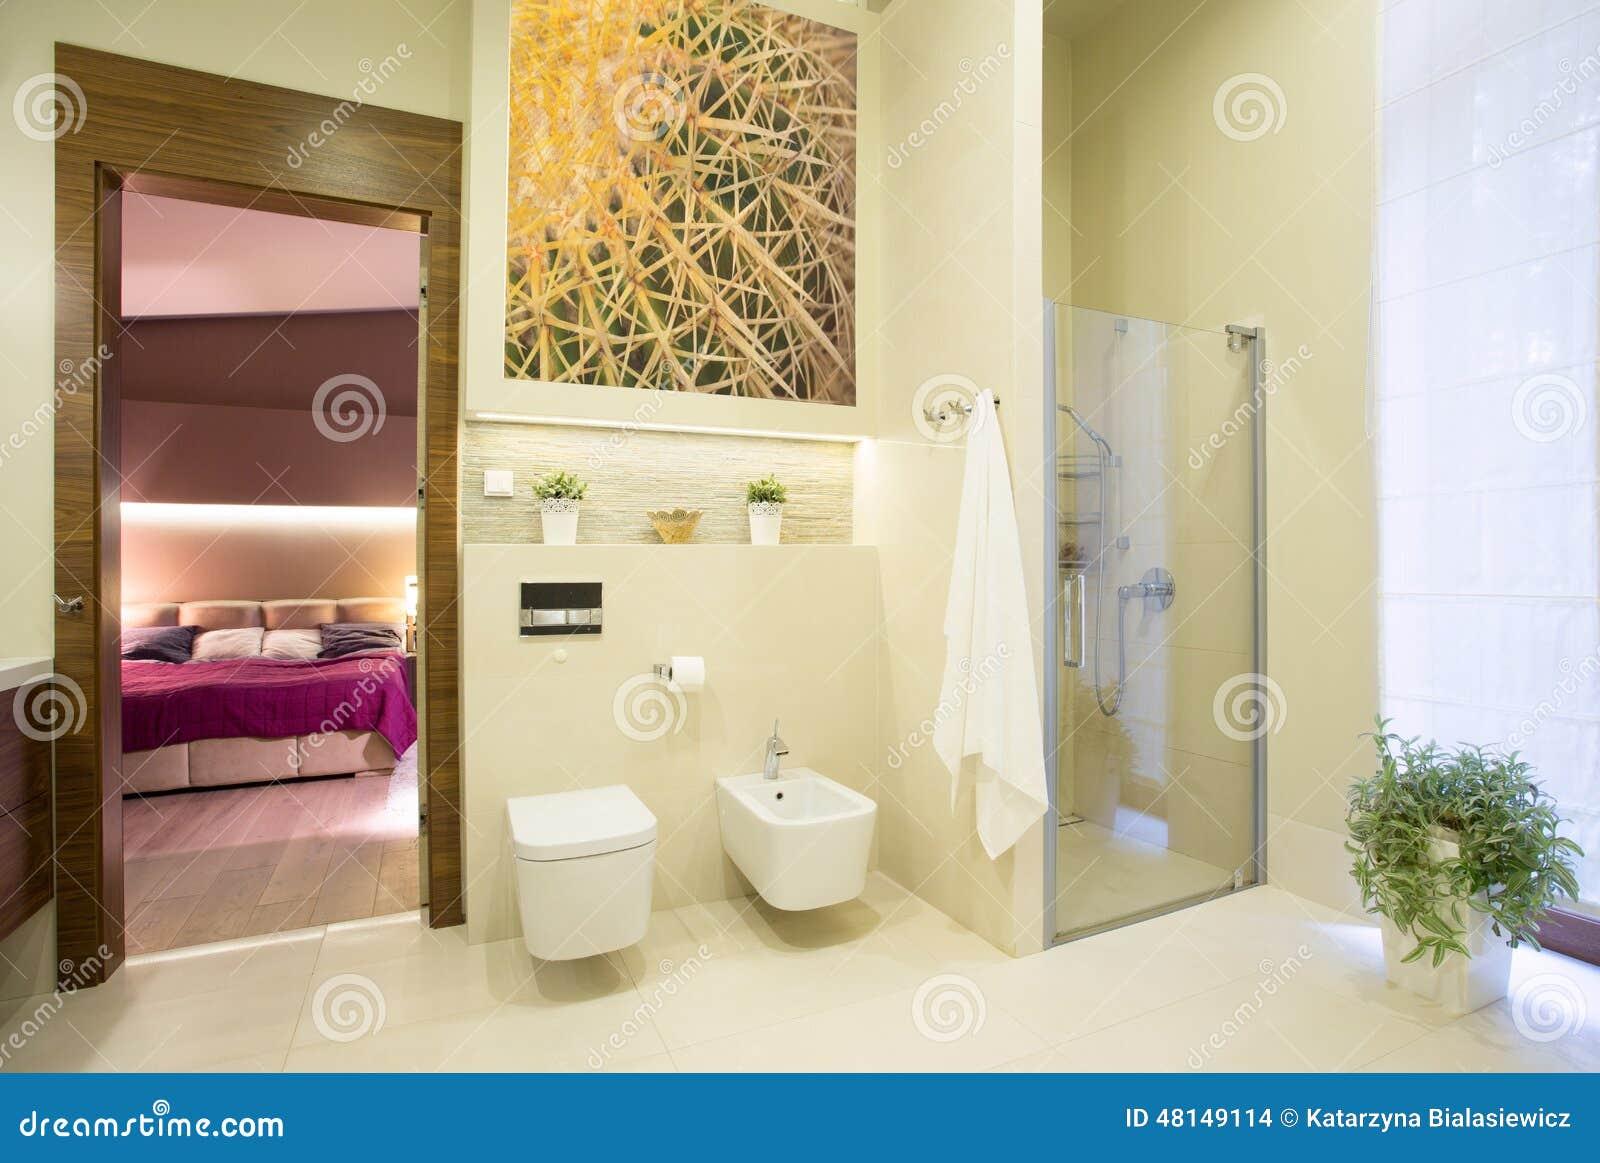 badezimmer offen auf schlafzimmer stockfoto bild 48149114. Black Bedroom Furniture Sets. Home Design Ideas